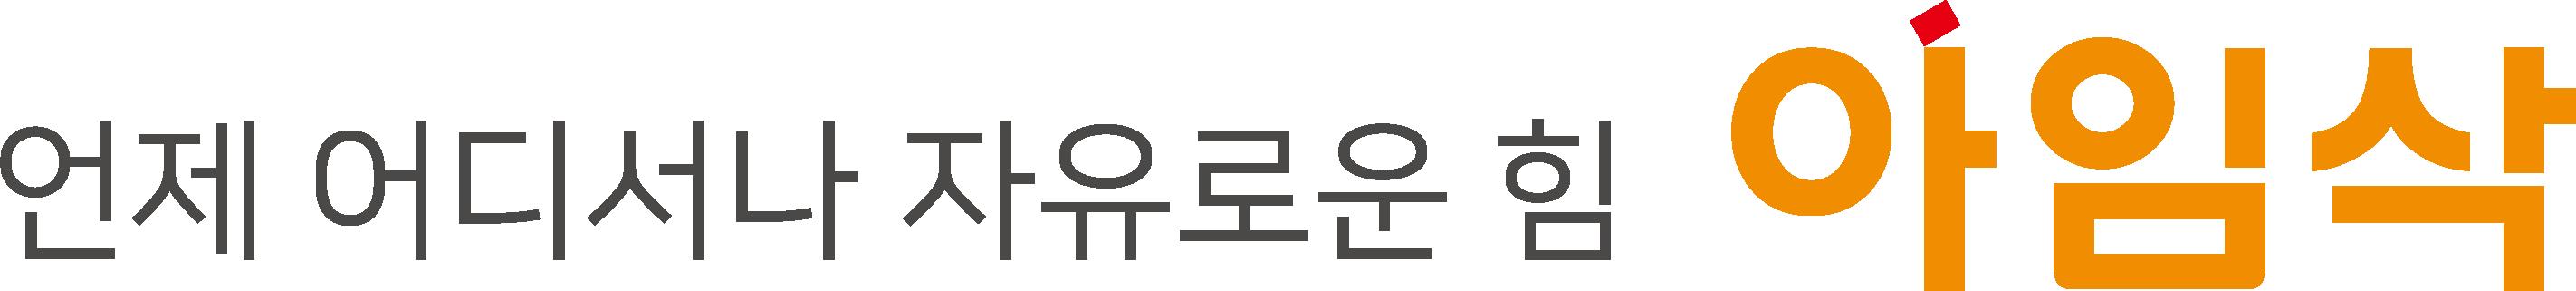 [신제품] 22V 충전 로터리 해머 (BL22RH806)